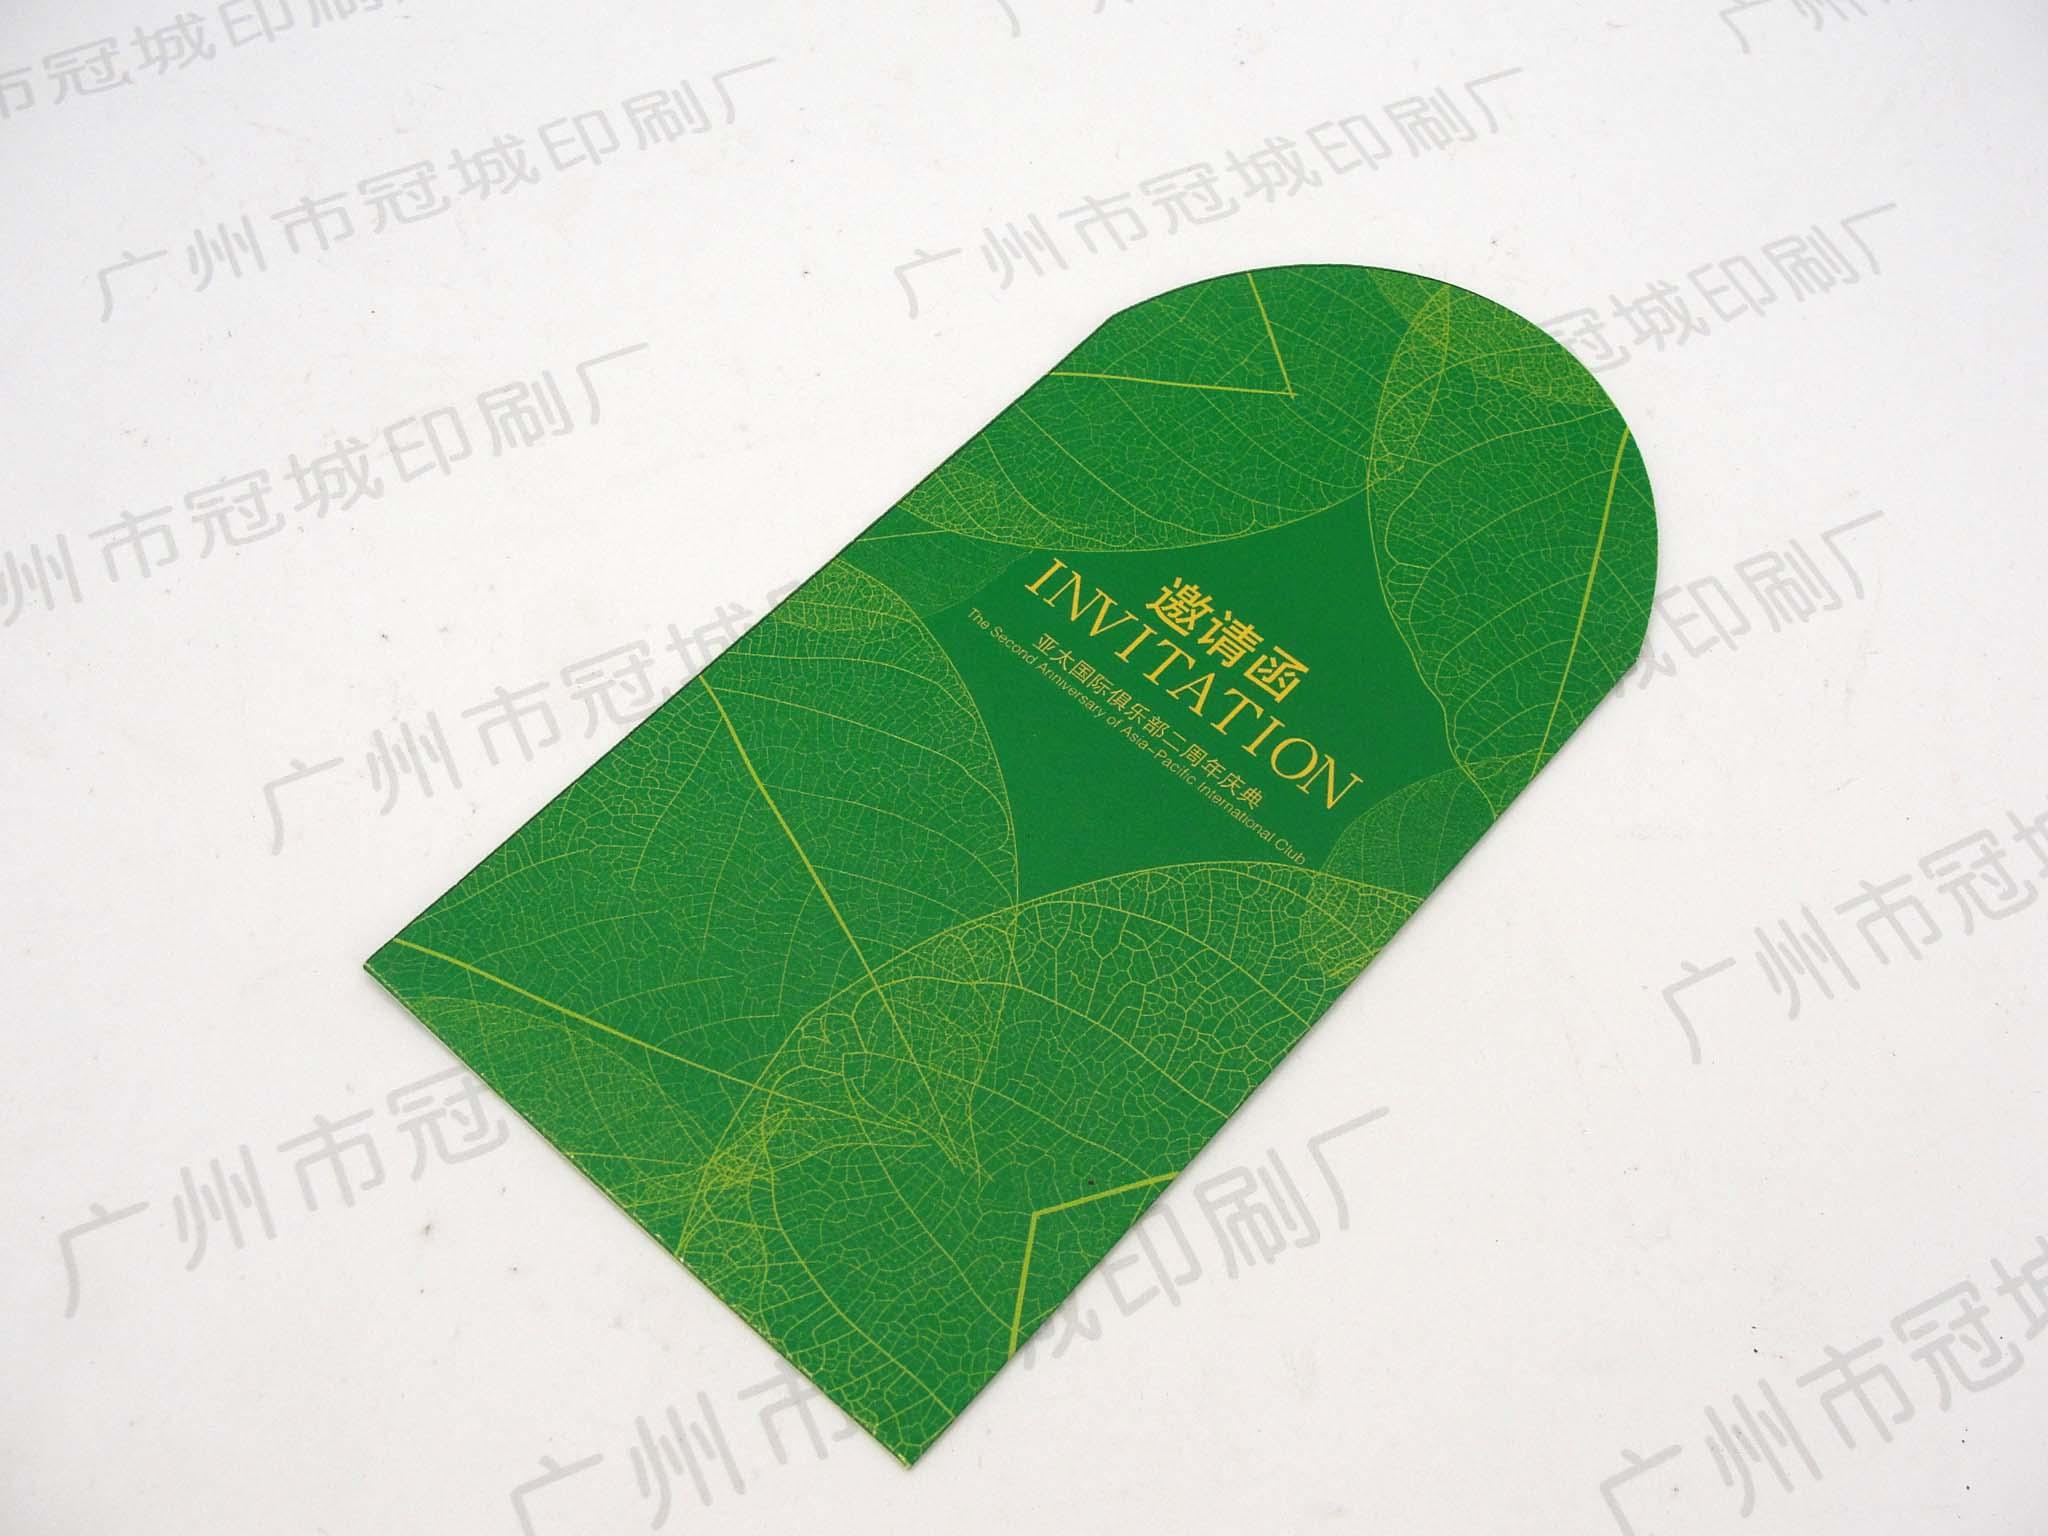 广州逆向UV画册赌钱网站,各类吊牌、卡类赌钱网站